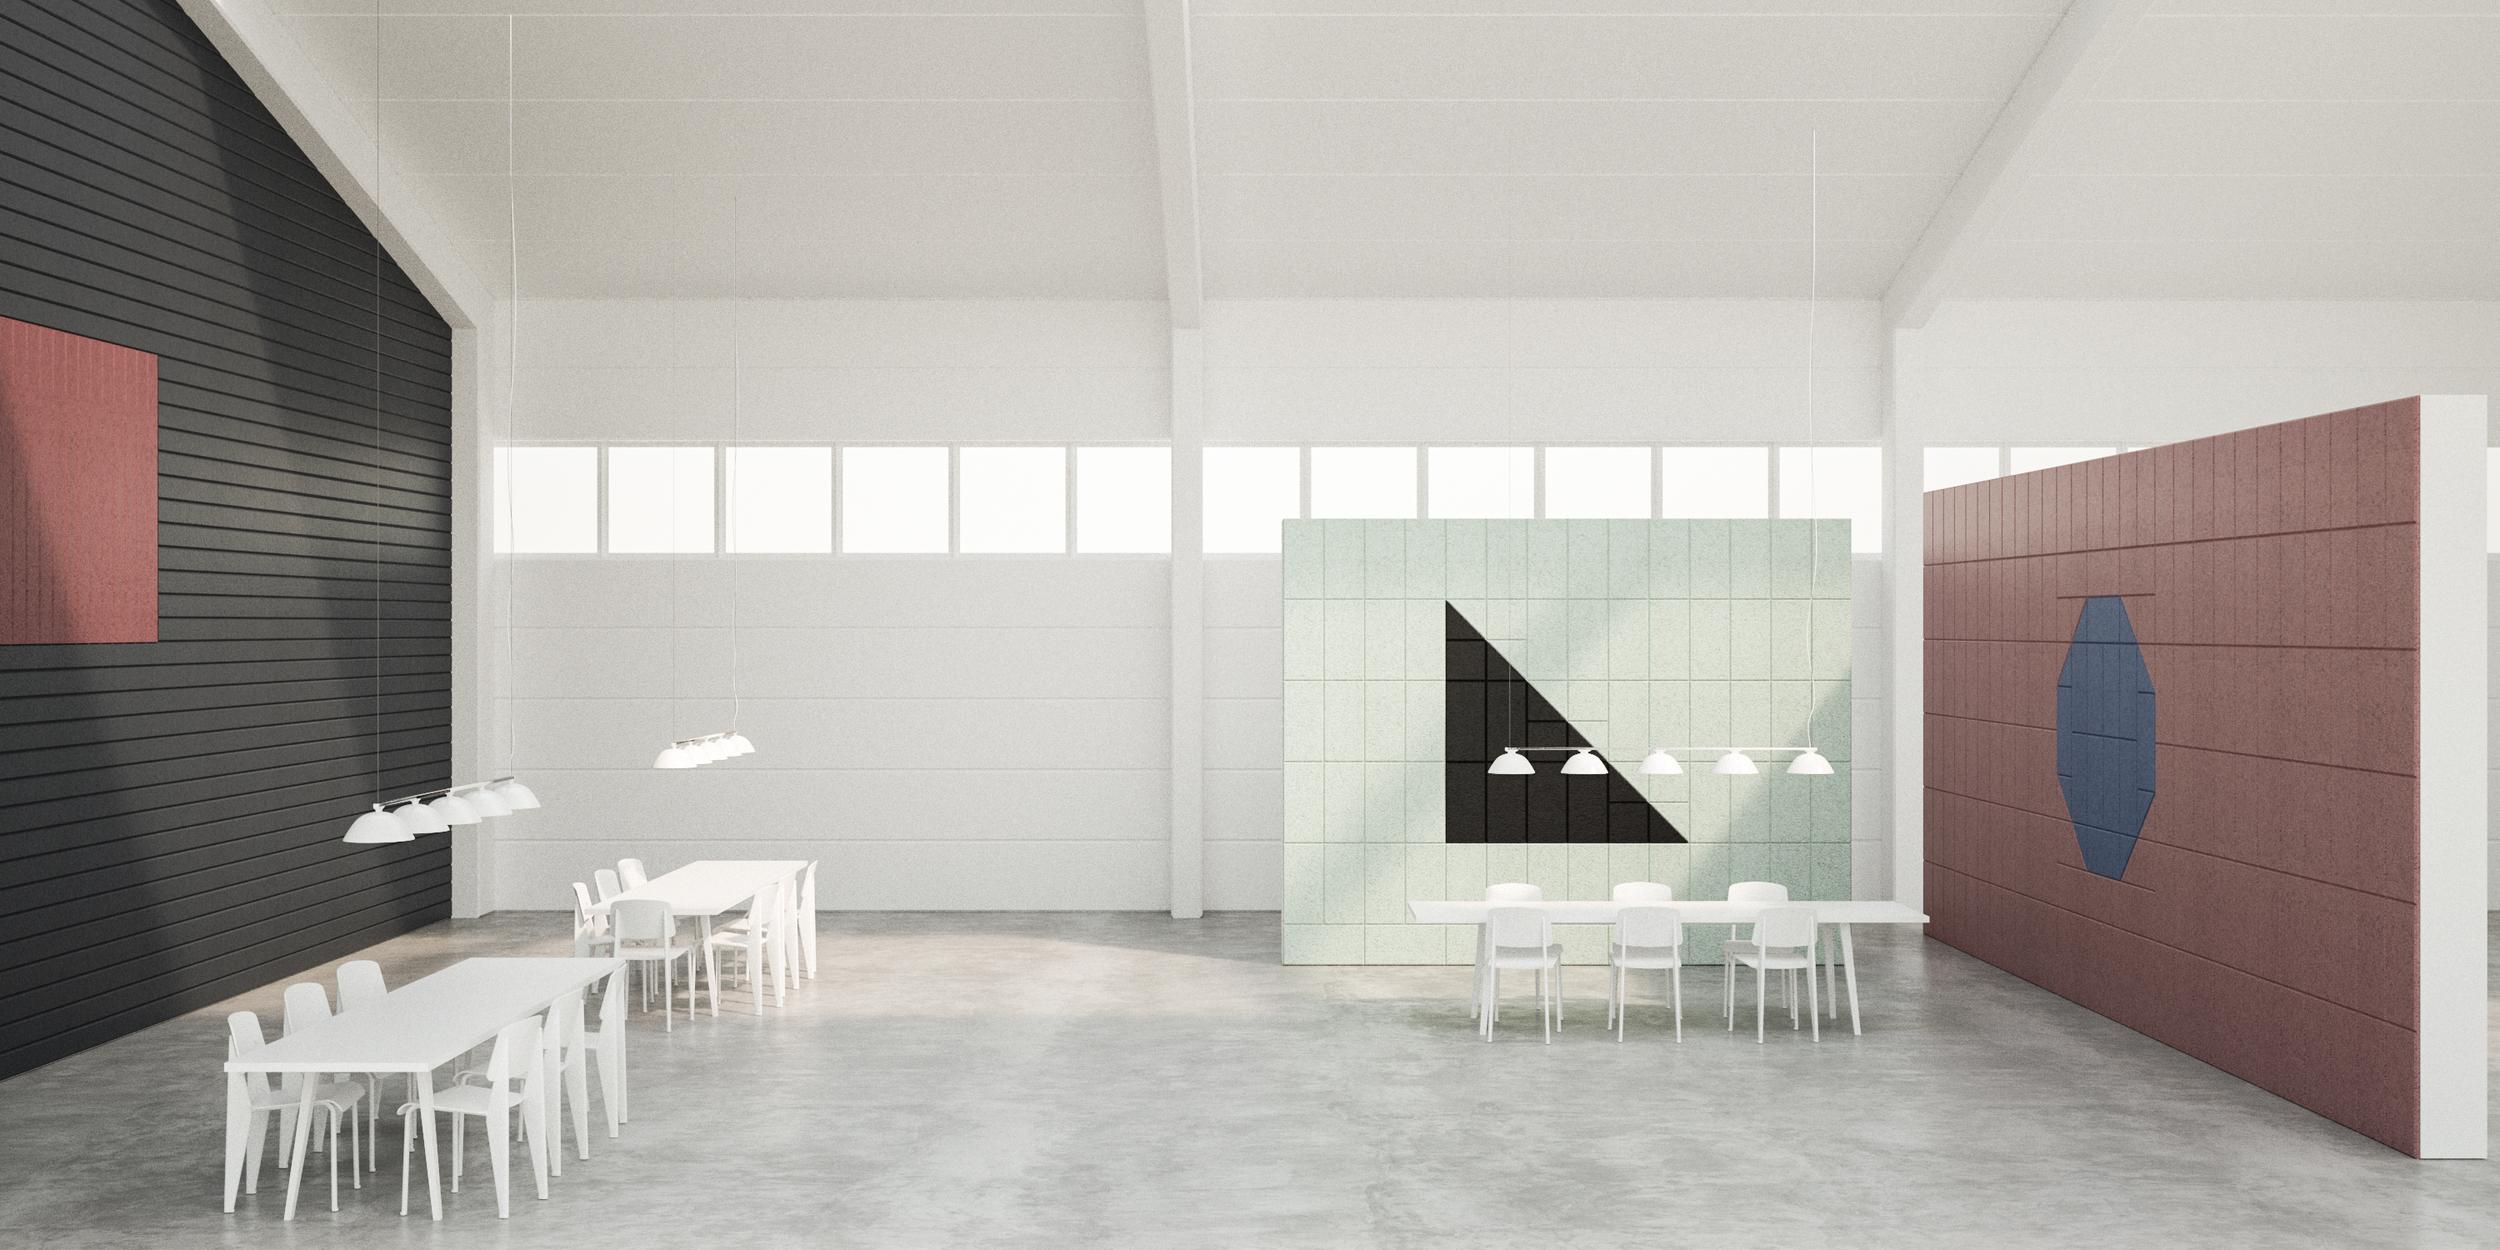 BAUX_meeting room set 5.jpg